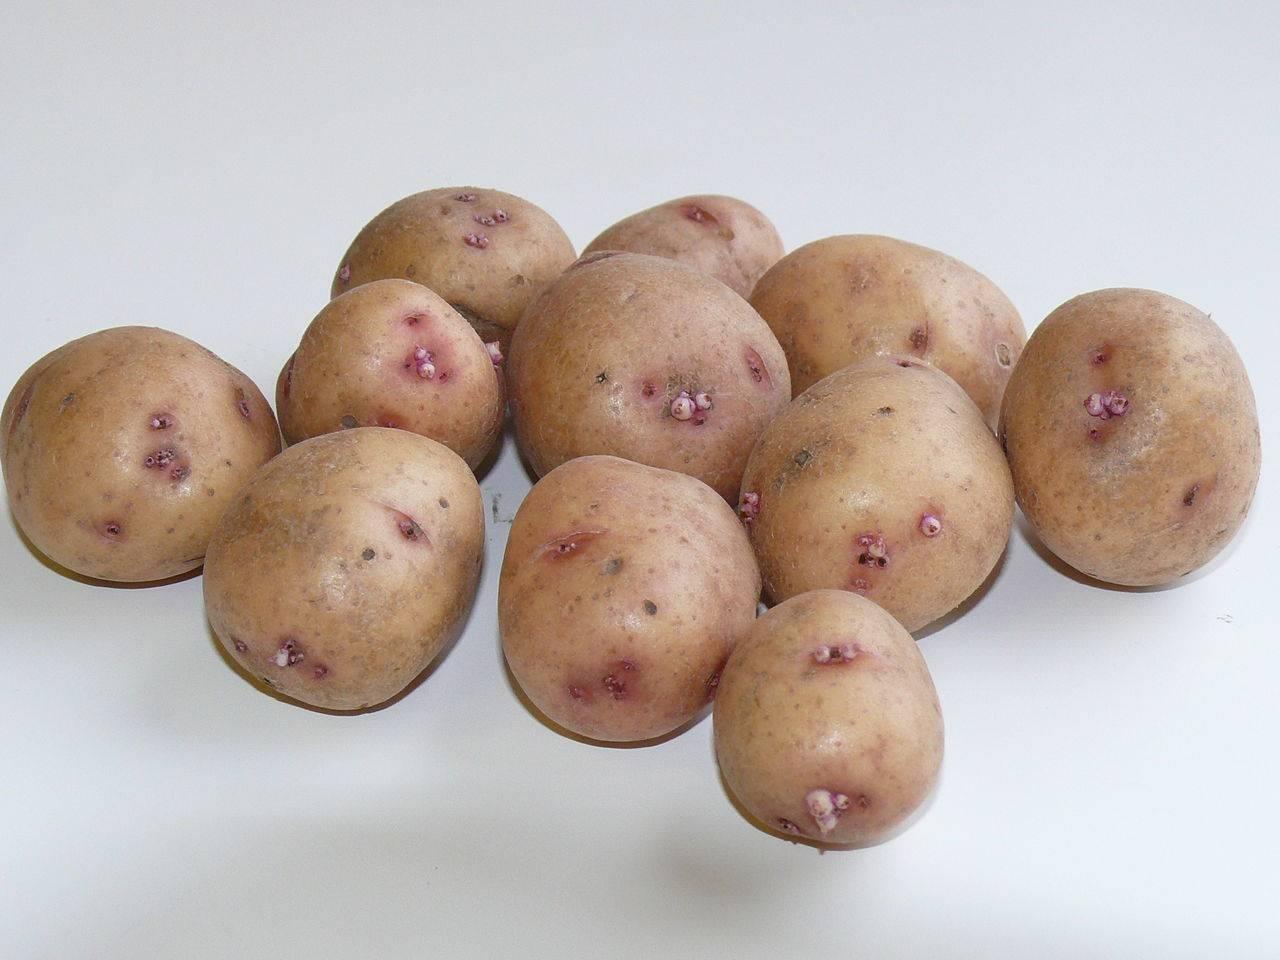 Картофель сынок: описание сорта, фото, отзывы, уход, урожайность и особенности